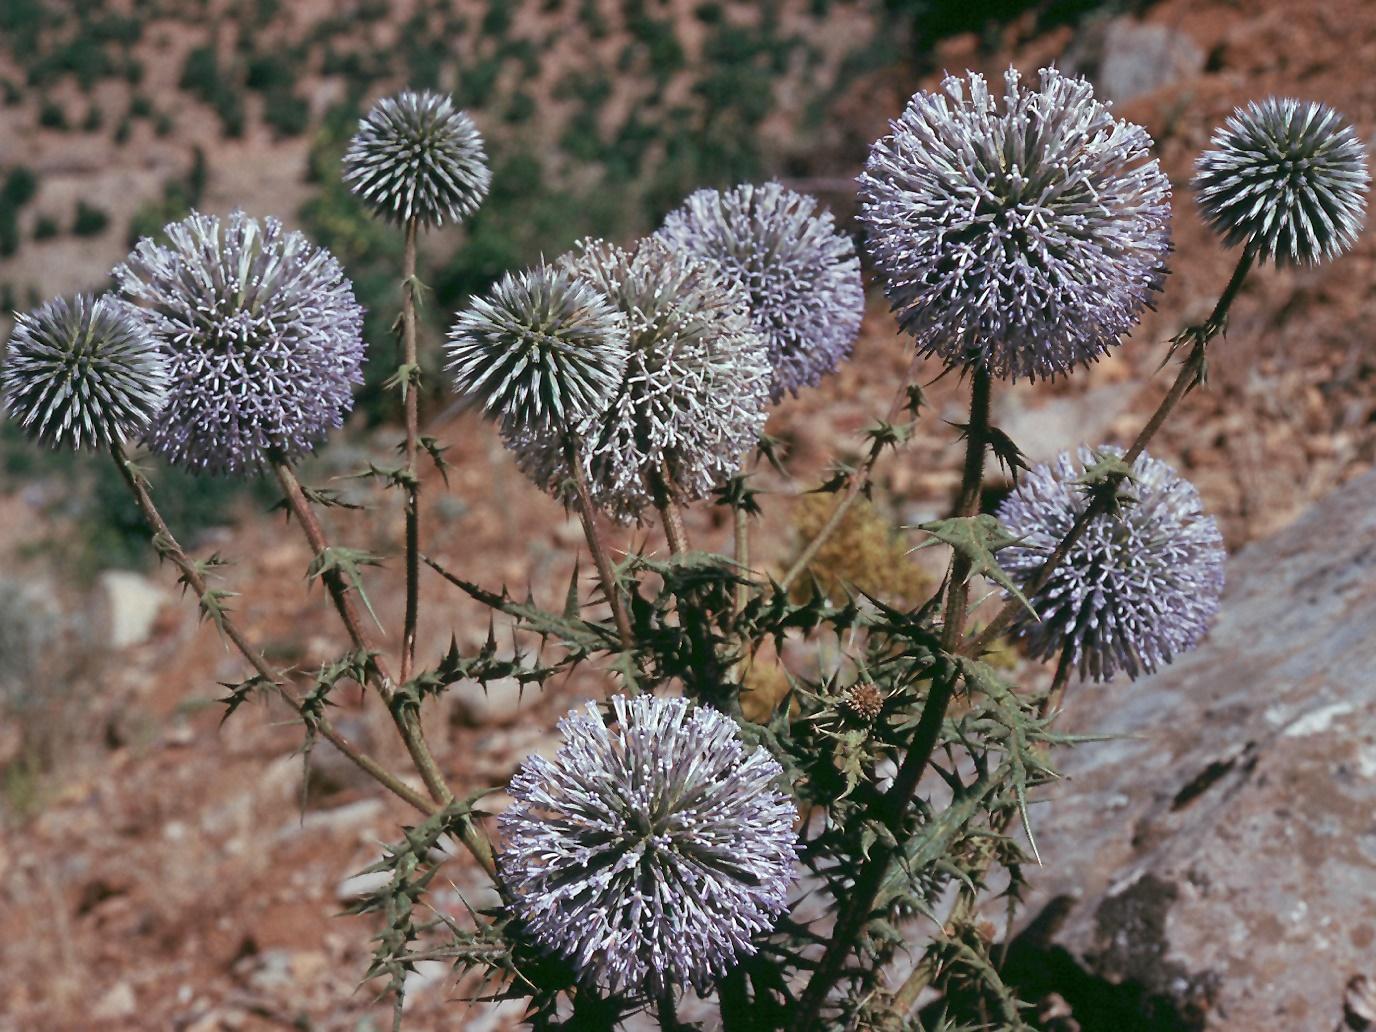 Echinops sp. 1